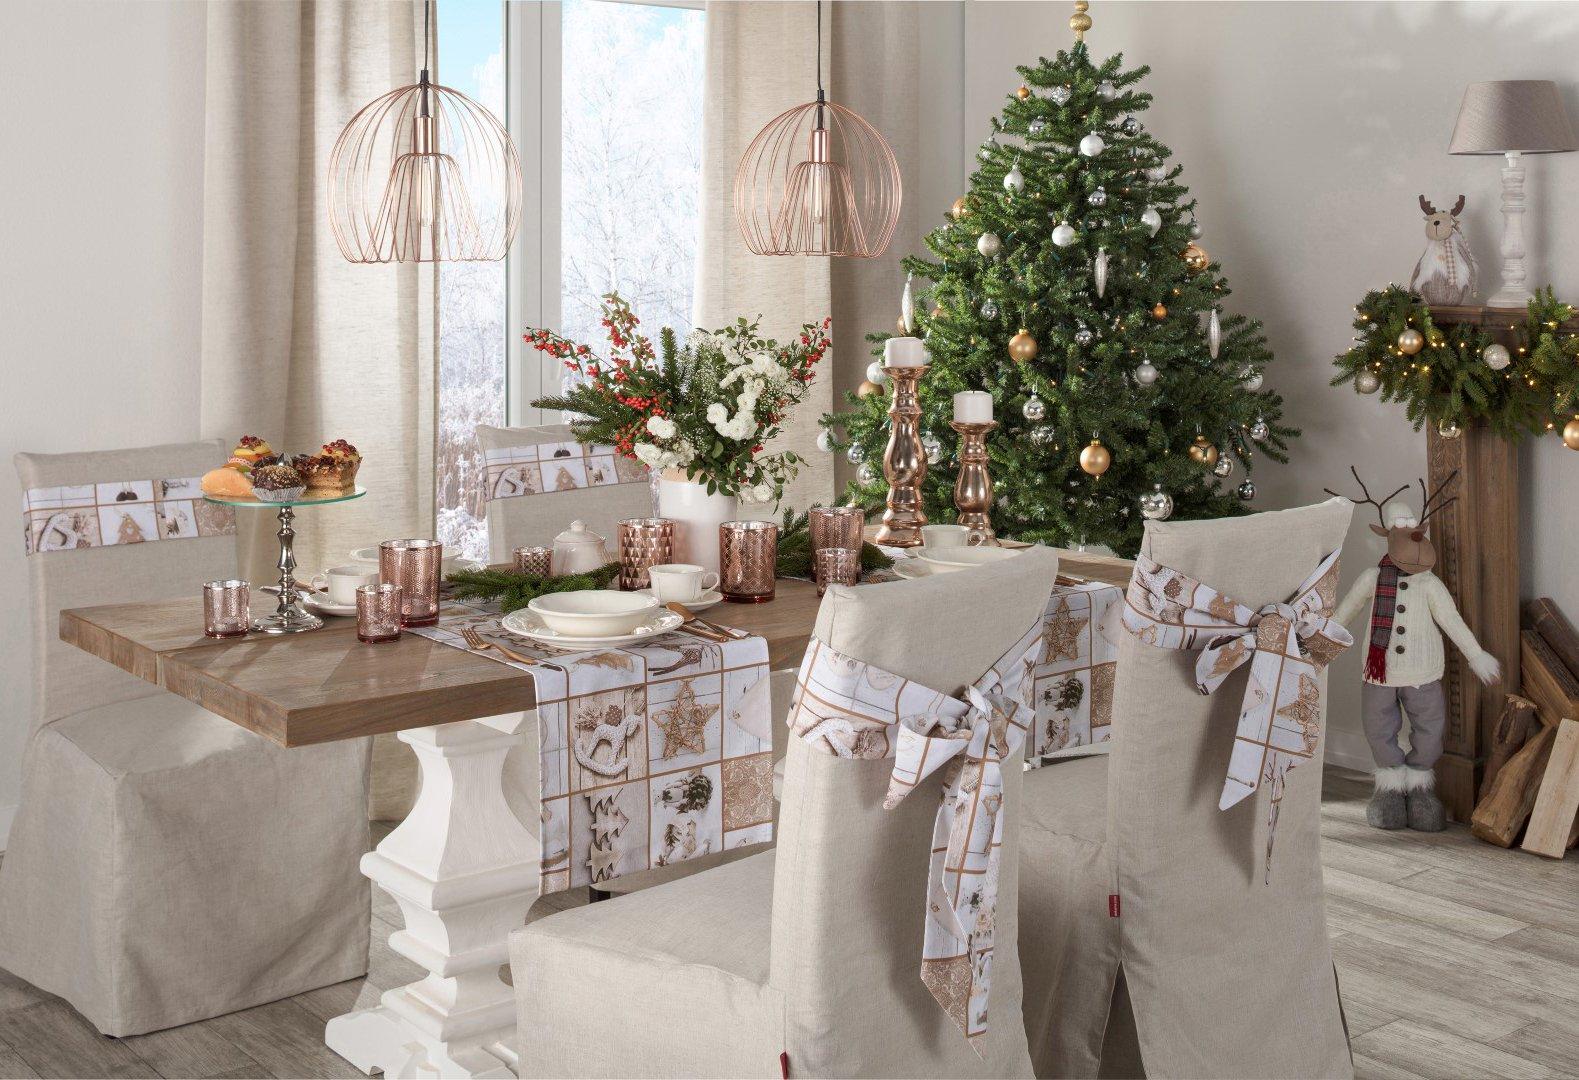 kerst in chalet-stijl